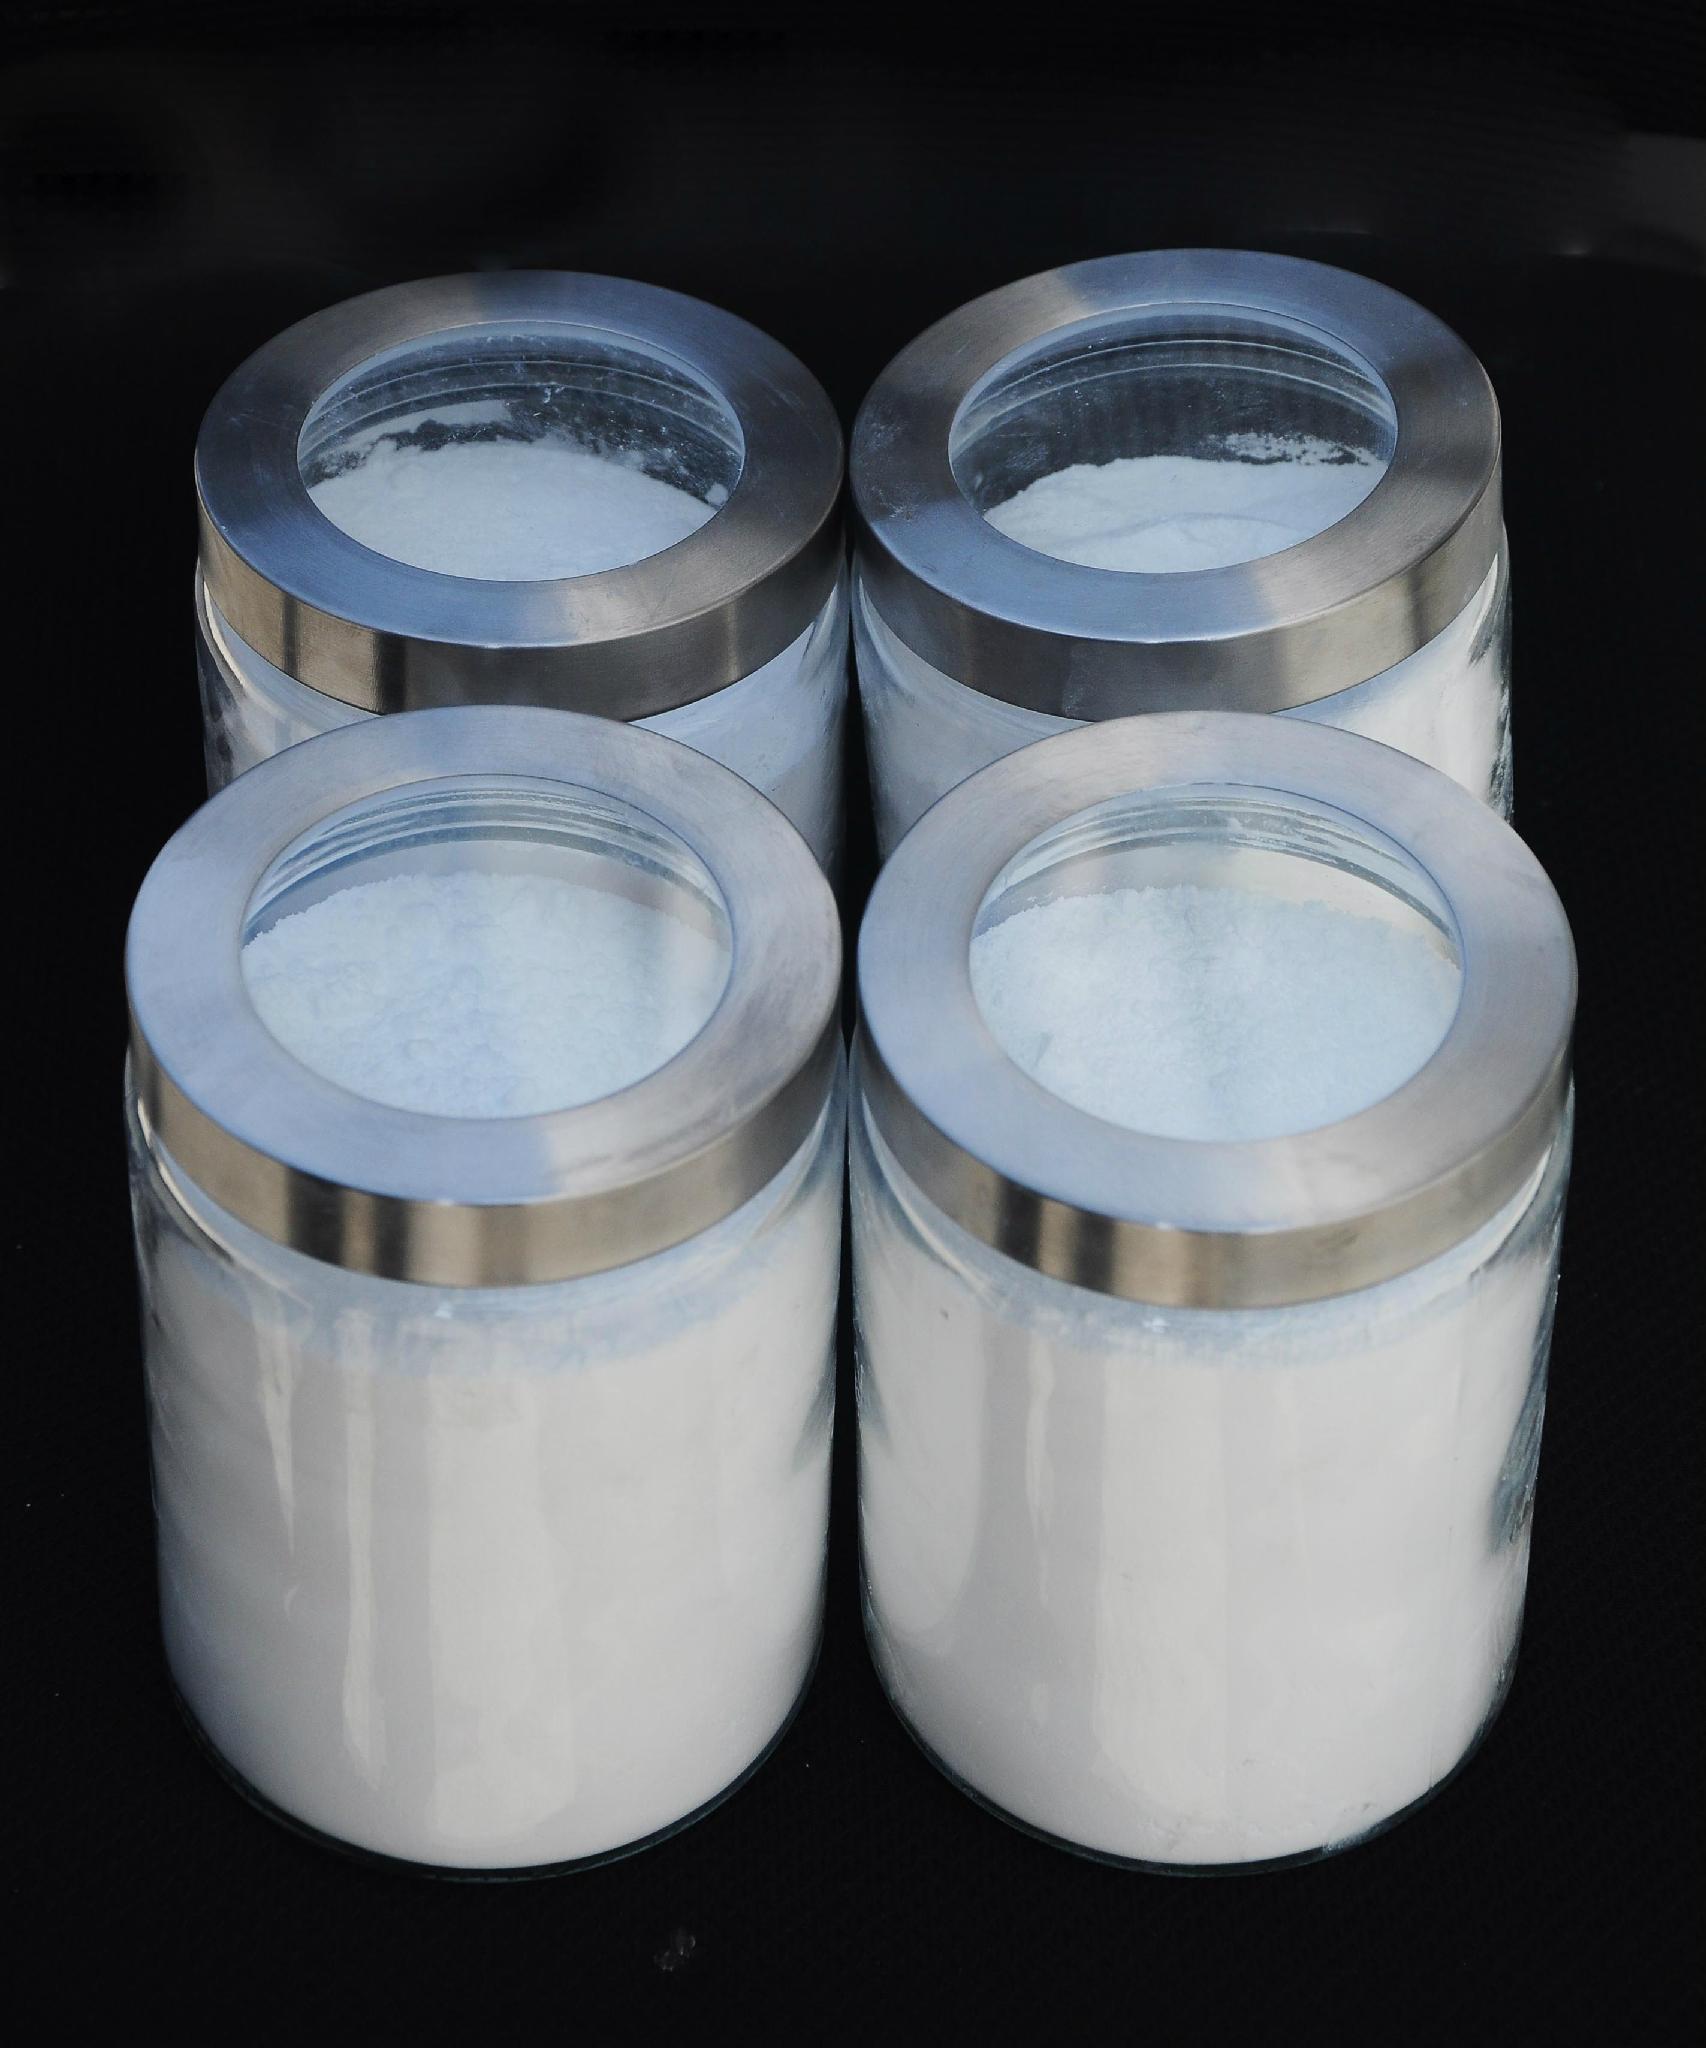 化妆品专用纳米二氧化钛,化妆品用纳米钛白粉,防紫外纳米tio2 1